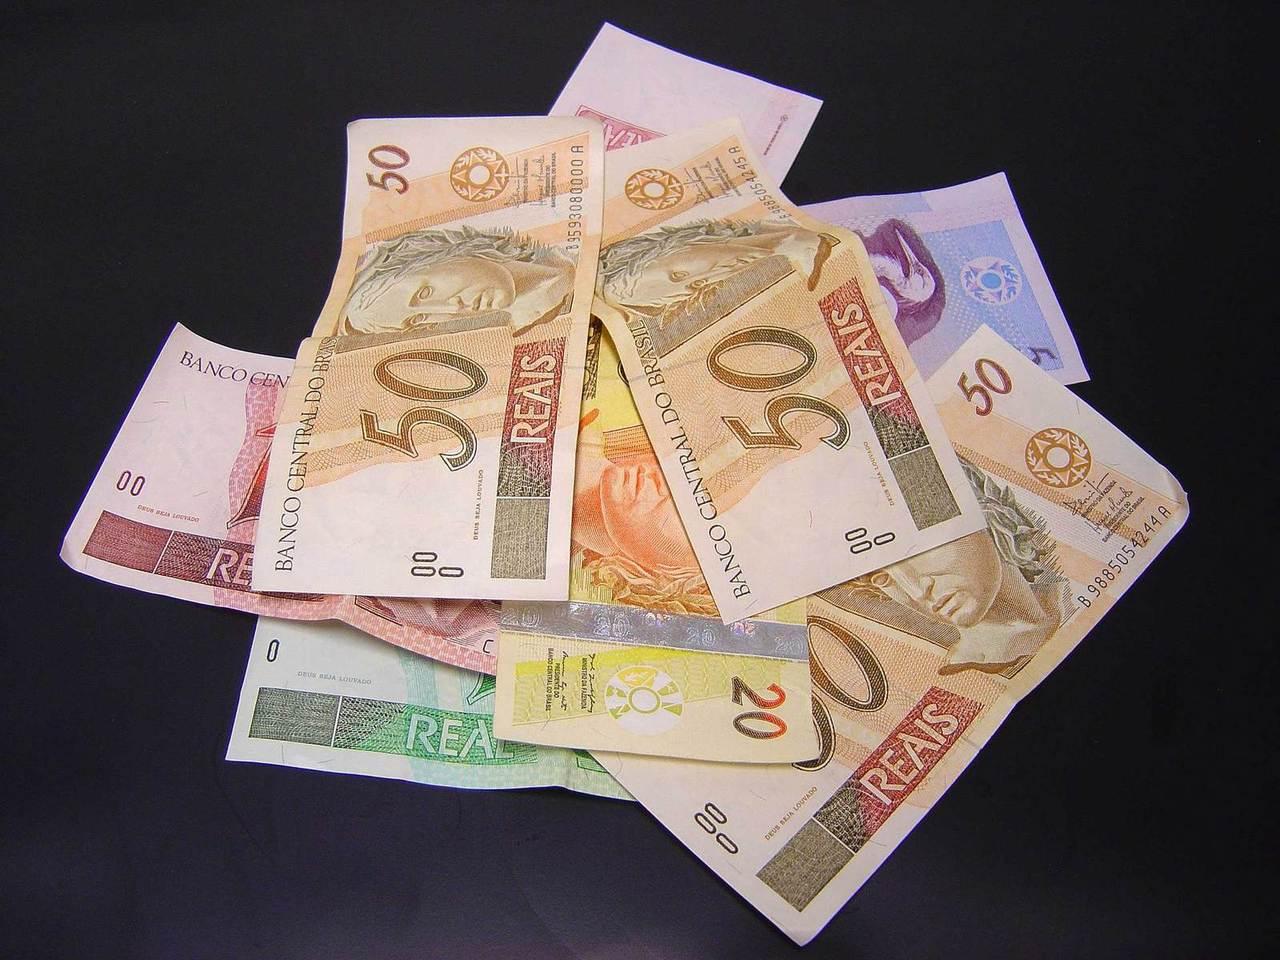 Emprestar dinheiro: quais os riscos de ajudar amigos ou parentes?